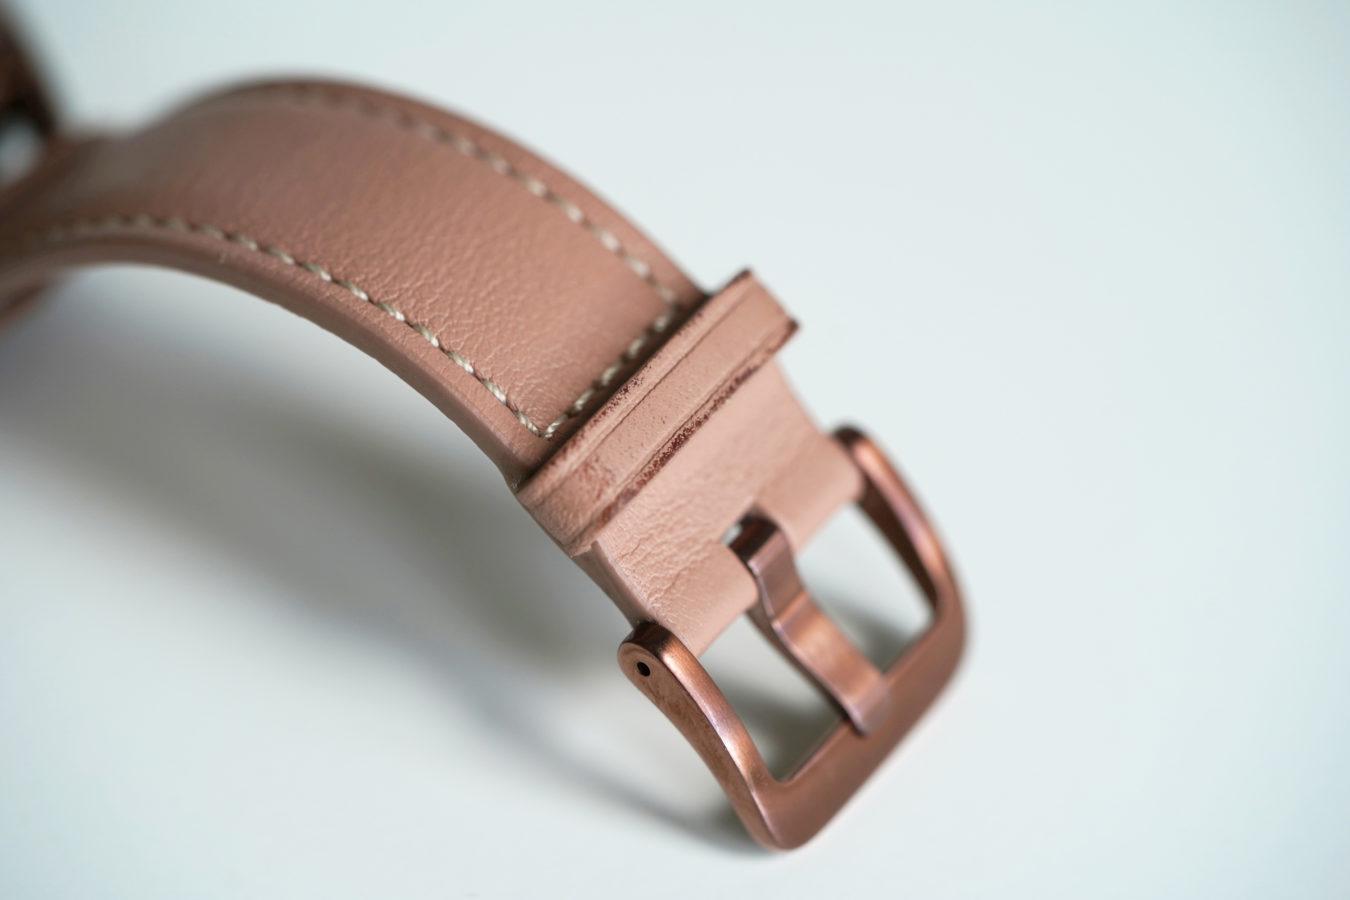 Chciałabym, żeby działał dłużej - taki jest fajny. Recenzja Samsung Galaxy Watch 3 46 samsung galaxy watch 3